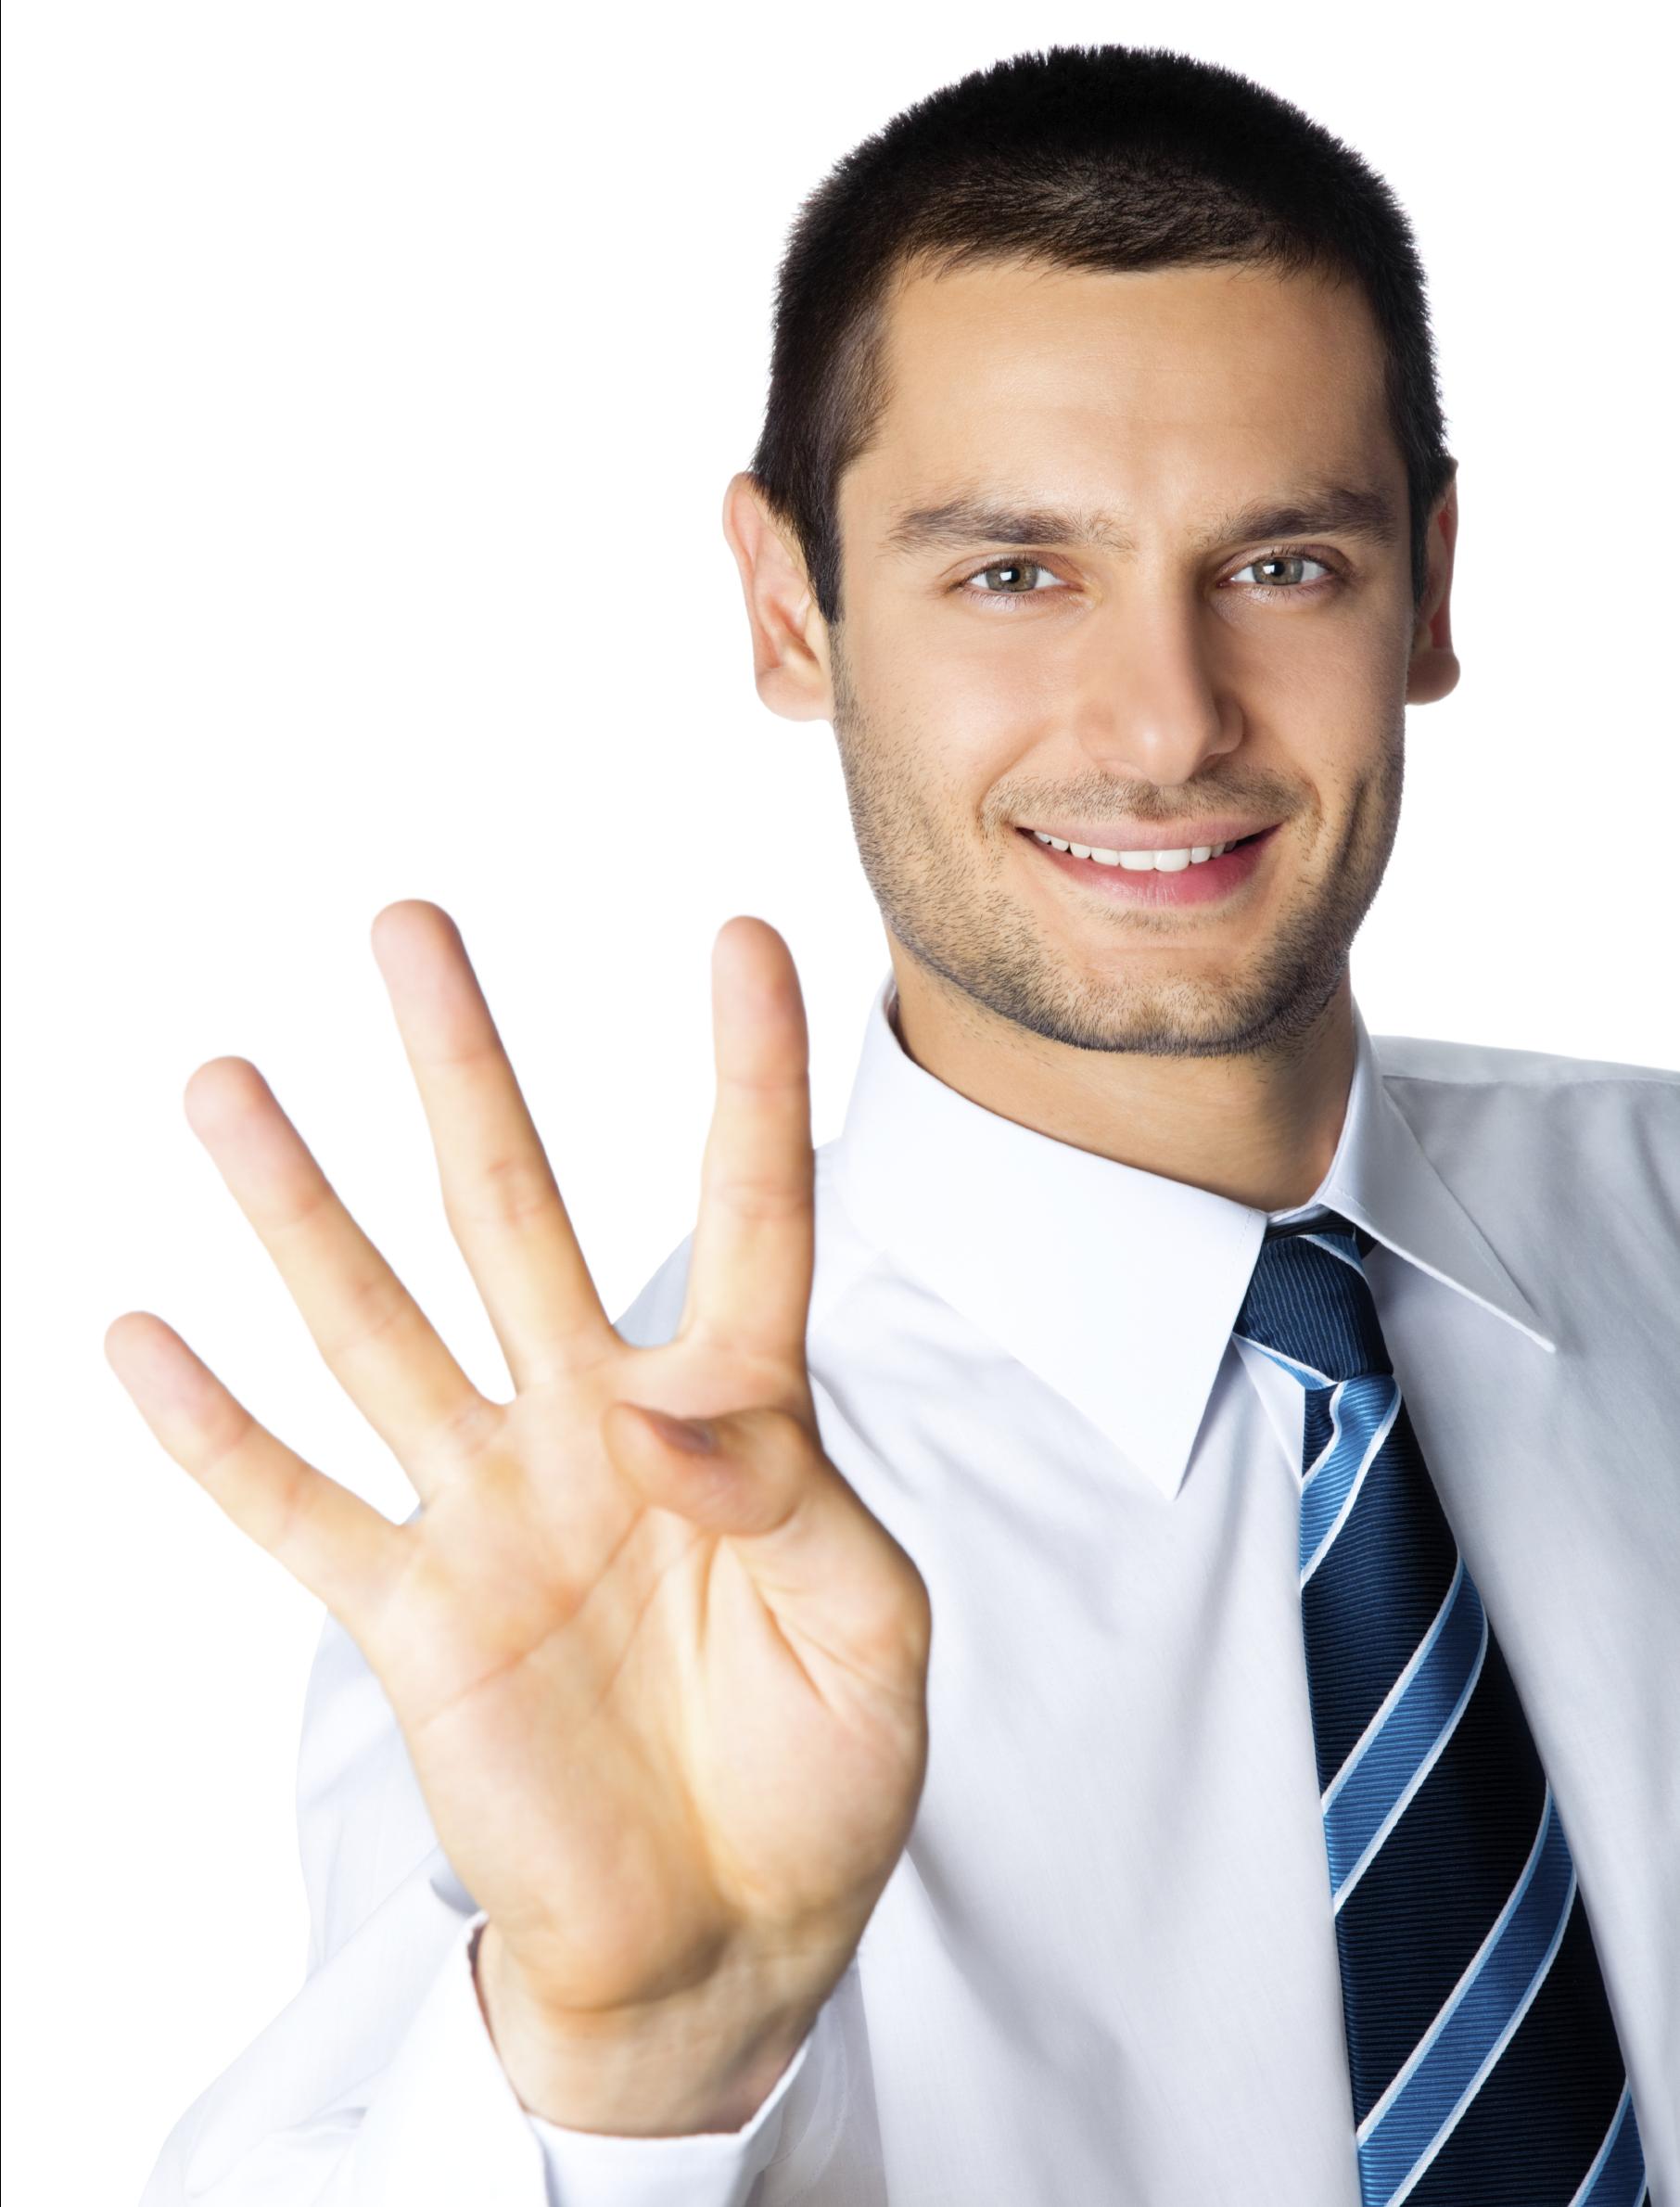 Картинка с мужиком который показывает пальцем